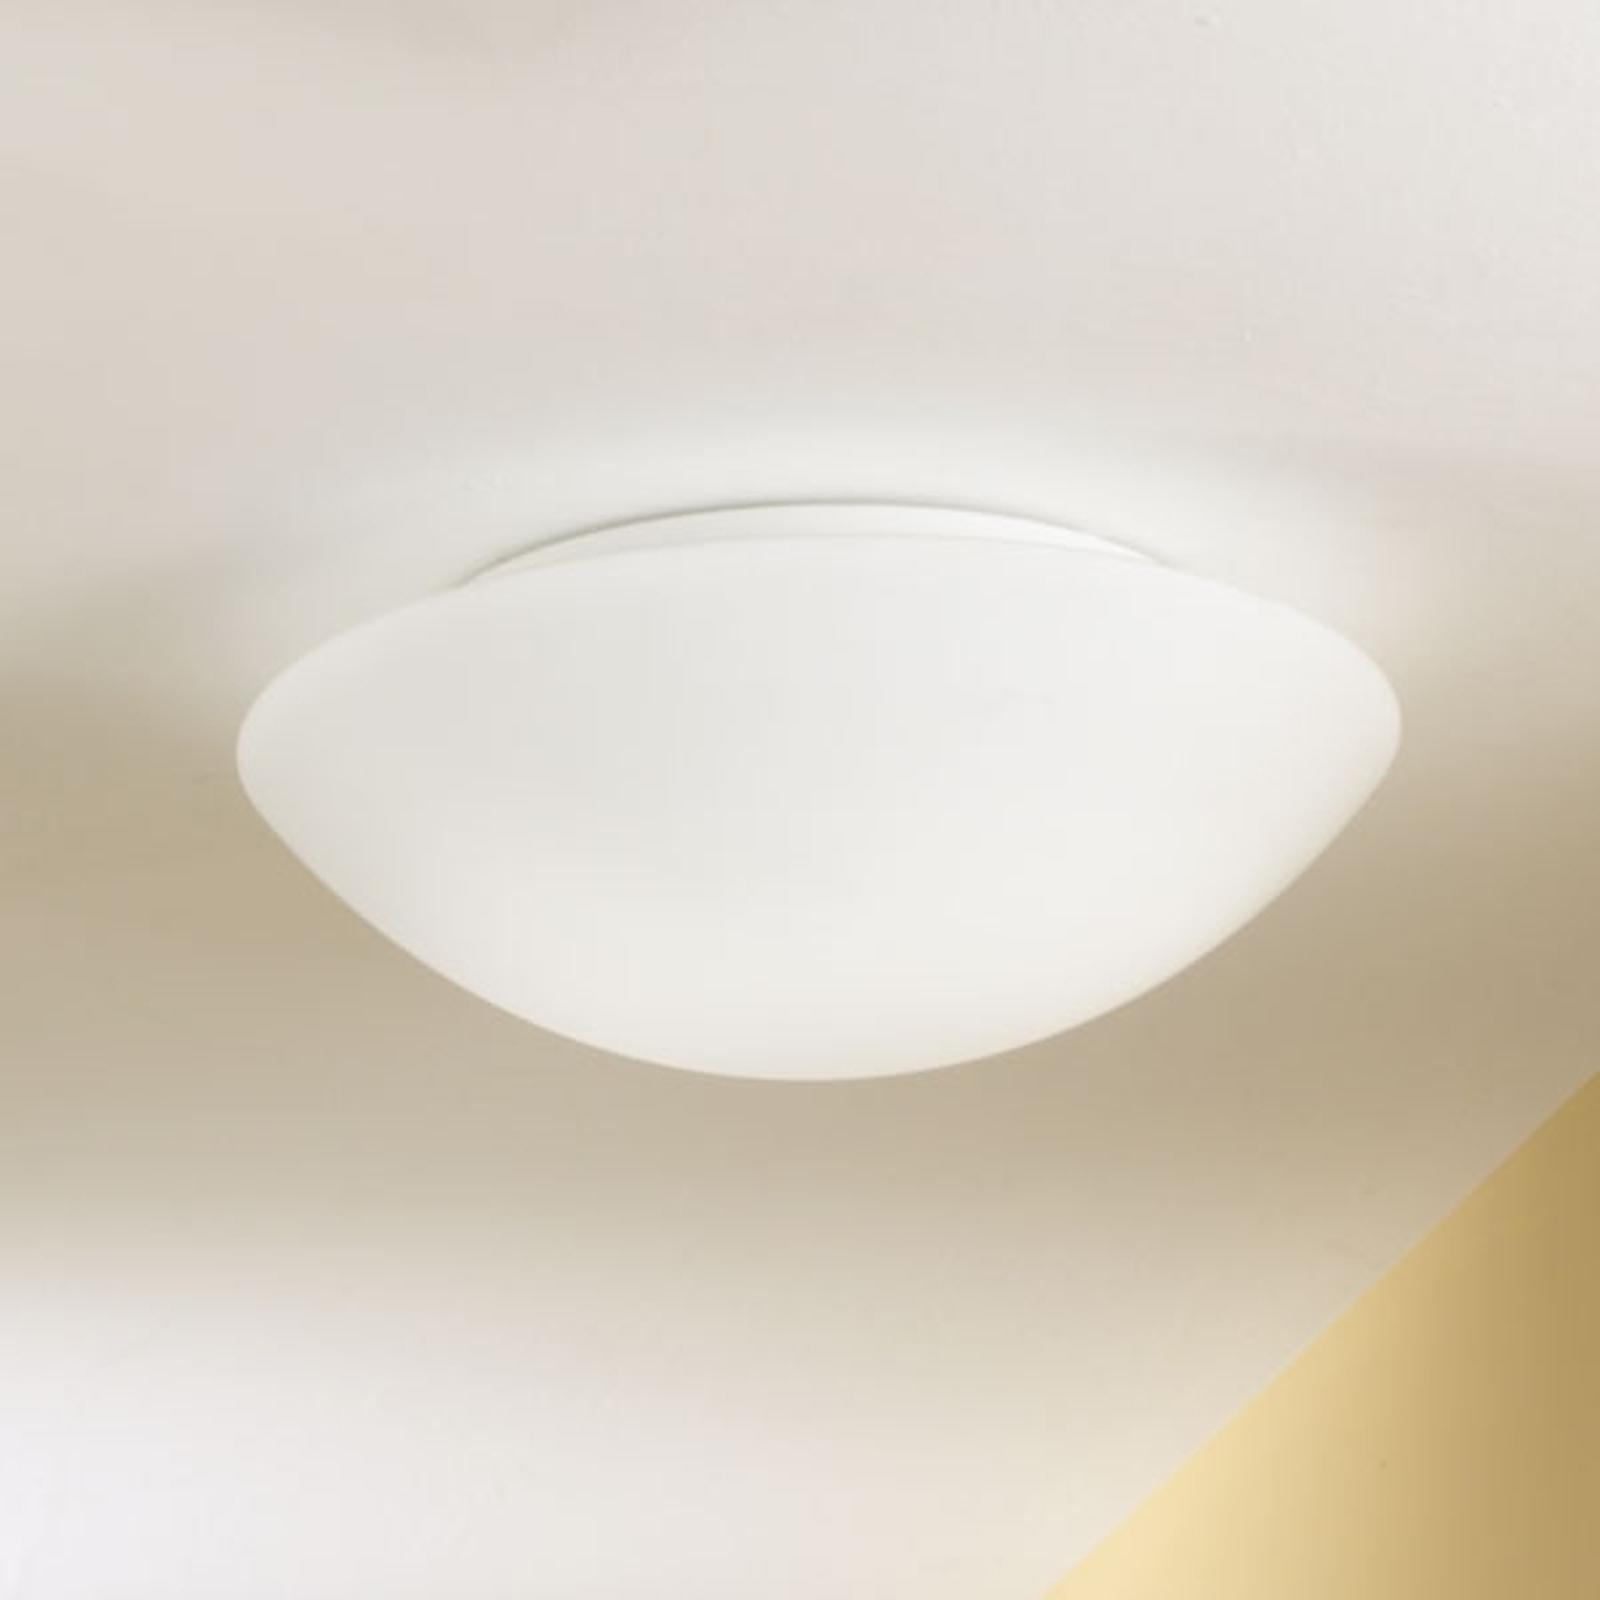 PANDORA loftlampe eller væglampe 20 cm